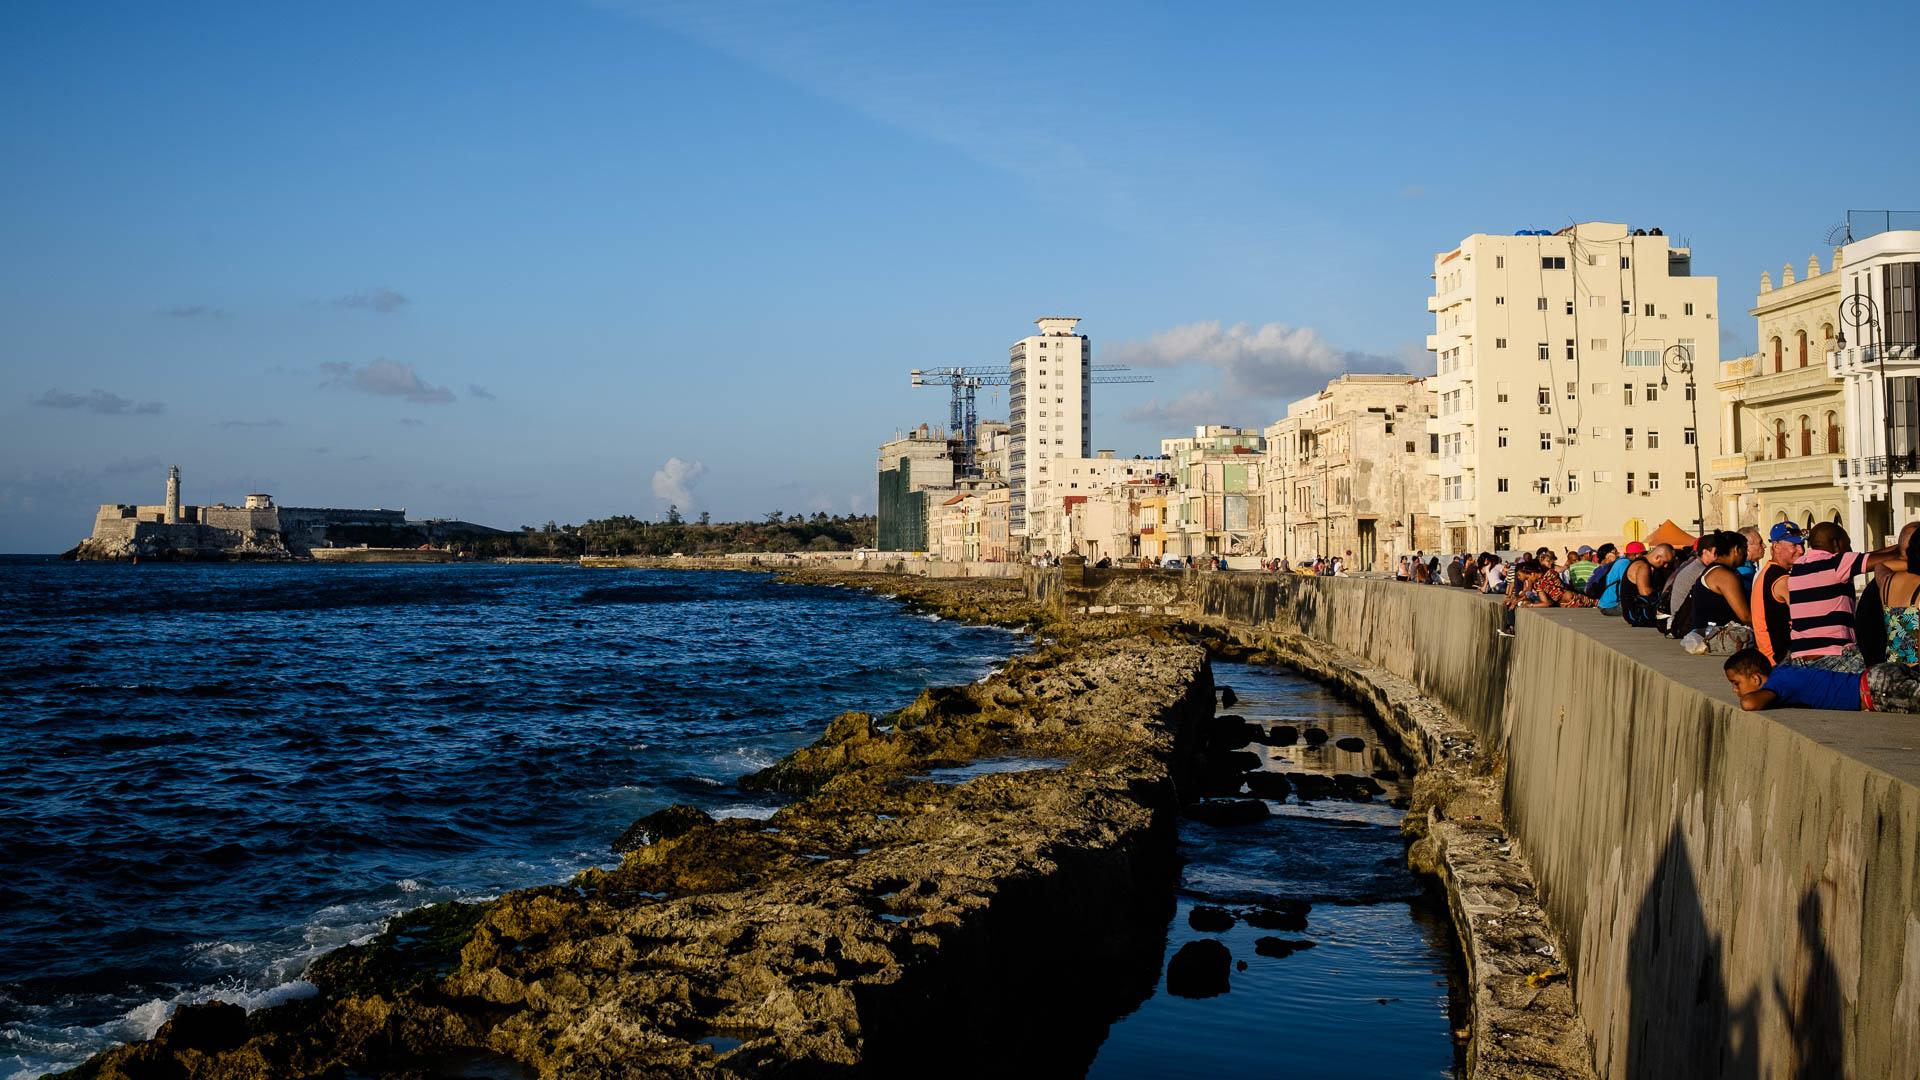 180501-Havana-399-1080.jpg